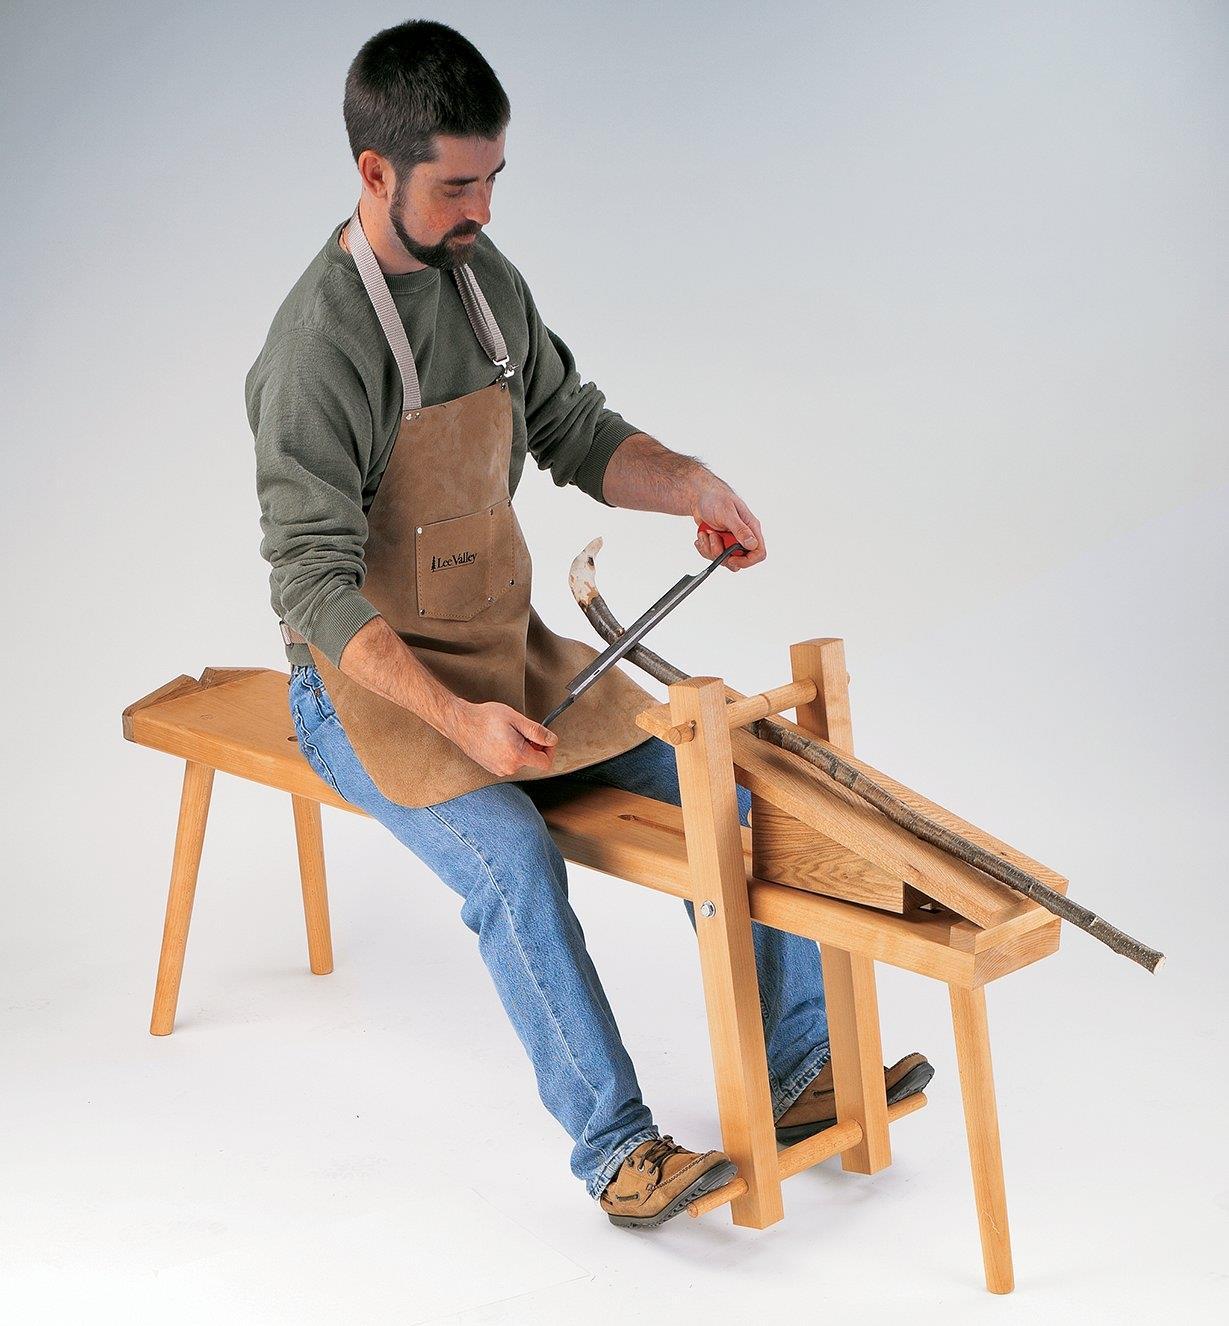 Homme assis sur le banc d'âne et façonnant une pièce à l'aide d'une plane